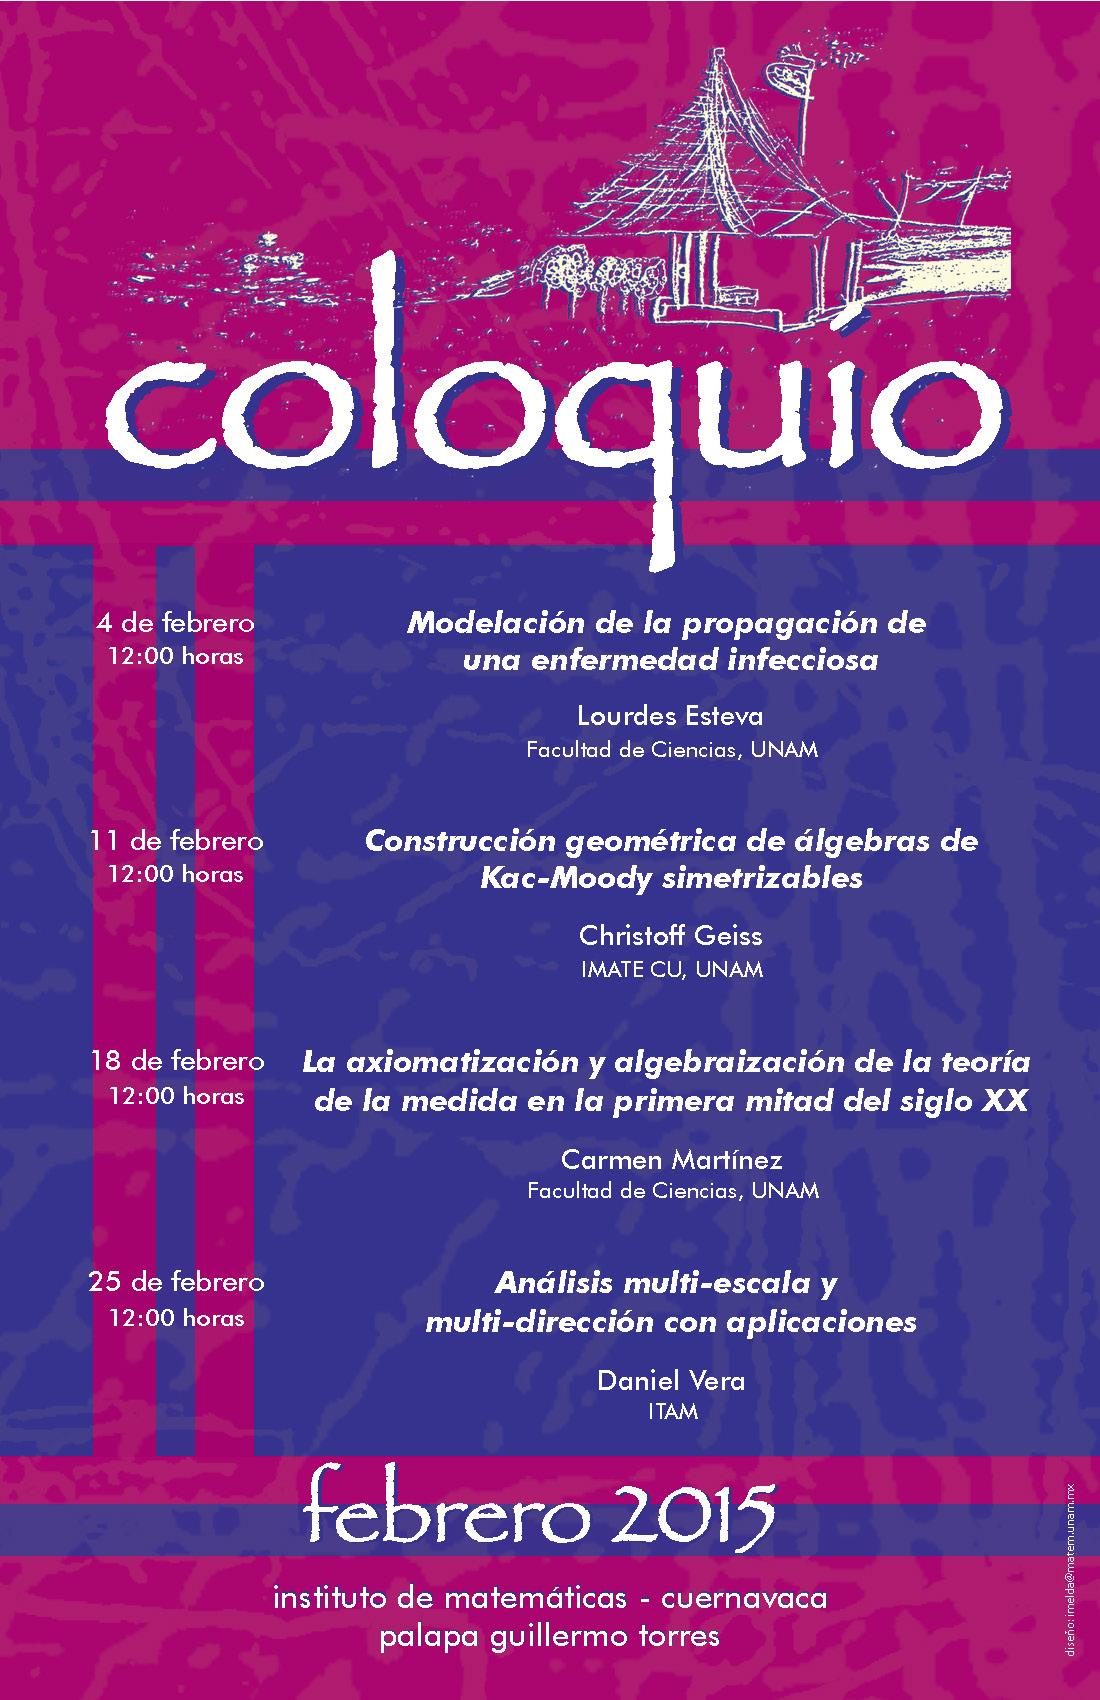 Febrero: Sesiones para Coloquio de la Unidad Cuernavaca